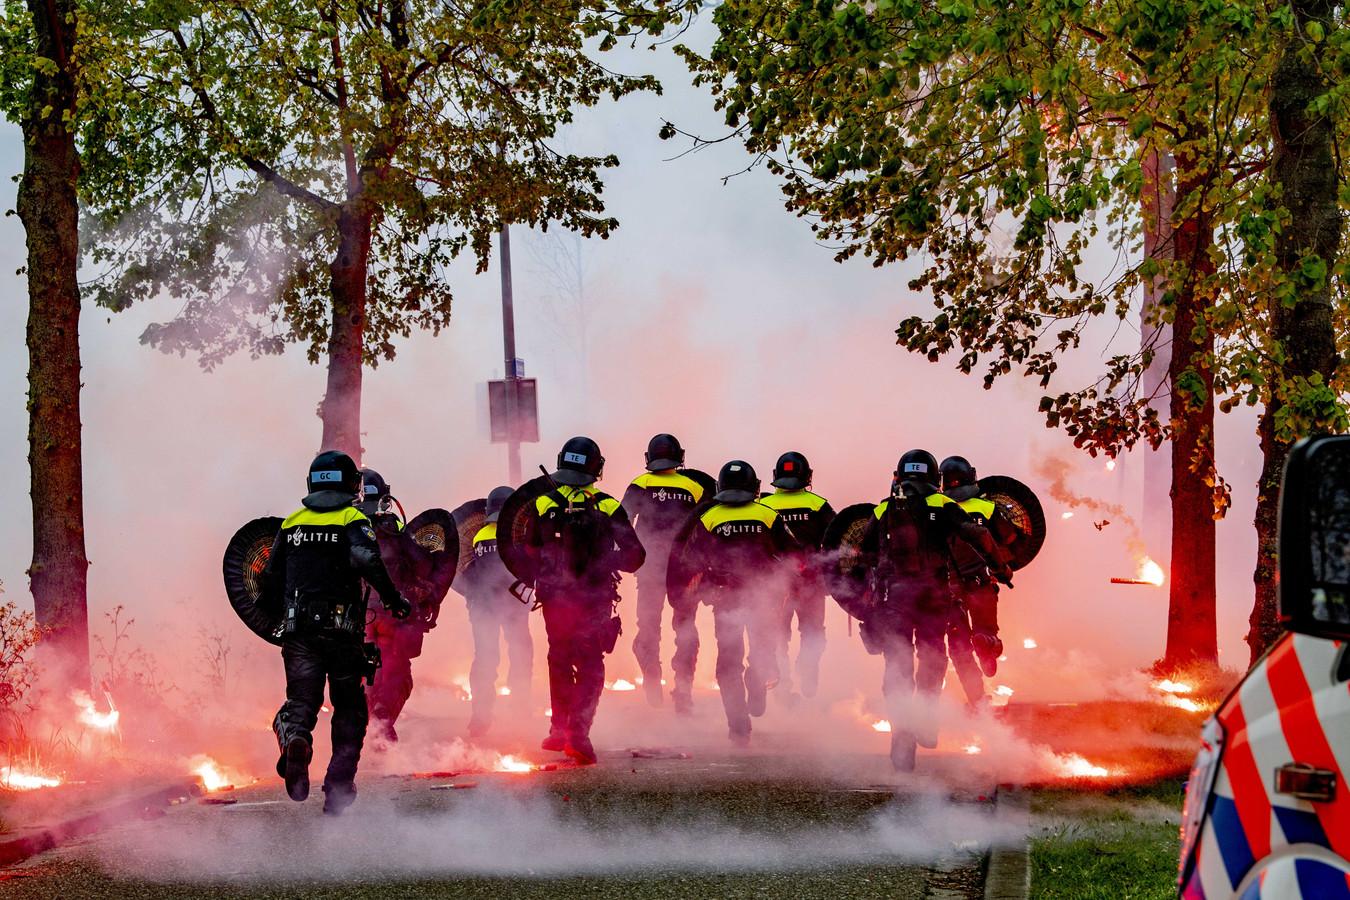 Honderden Feyenoord-fans verzamelden zich voorafgaand aan de laatste training in aanloop naar de Klassieker. Dat liep uit op ongeregeldheden.